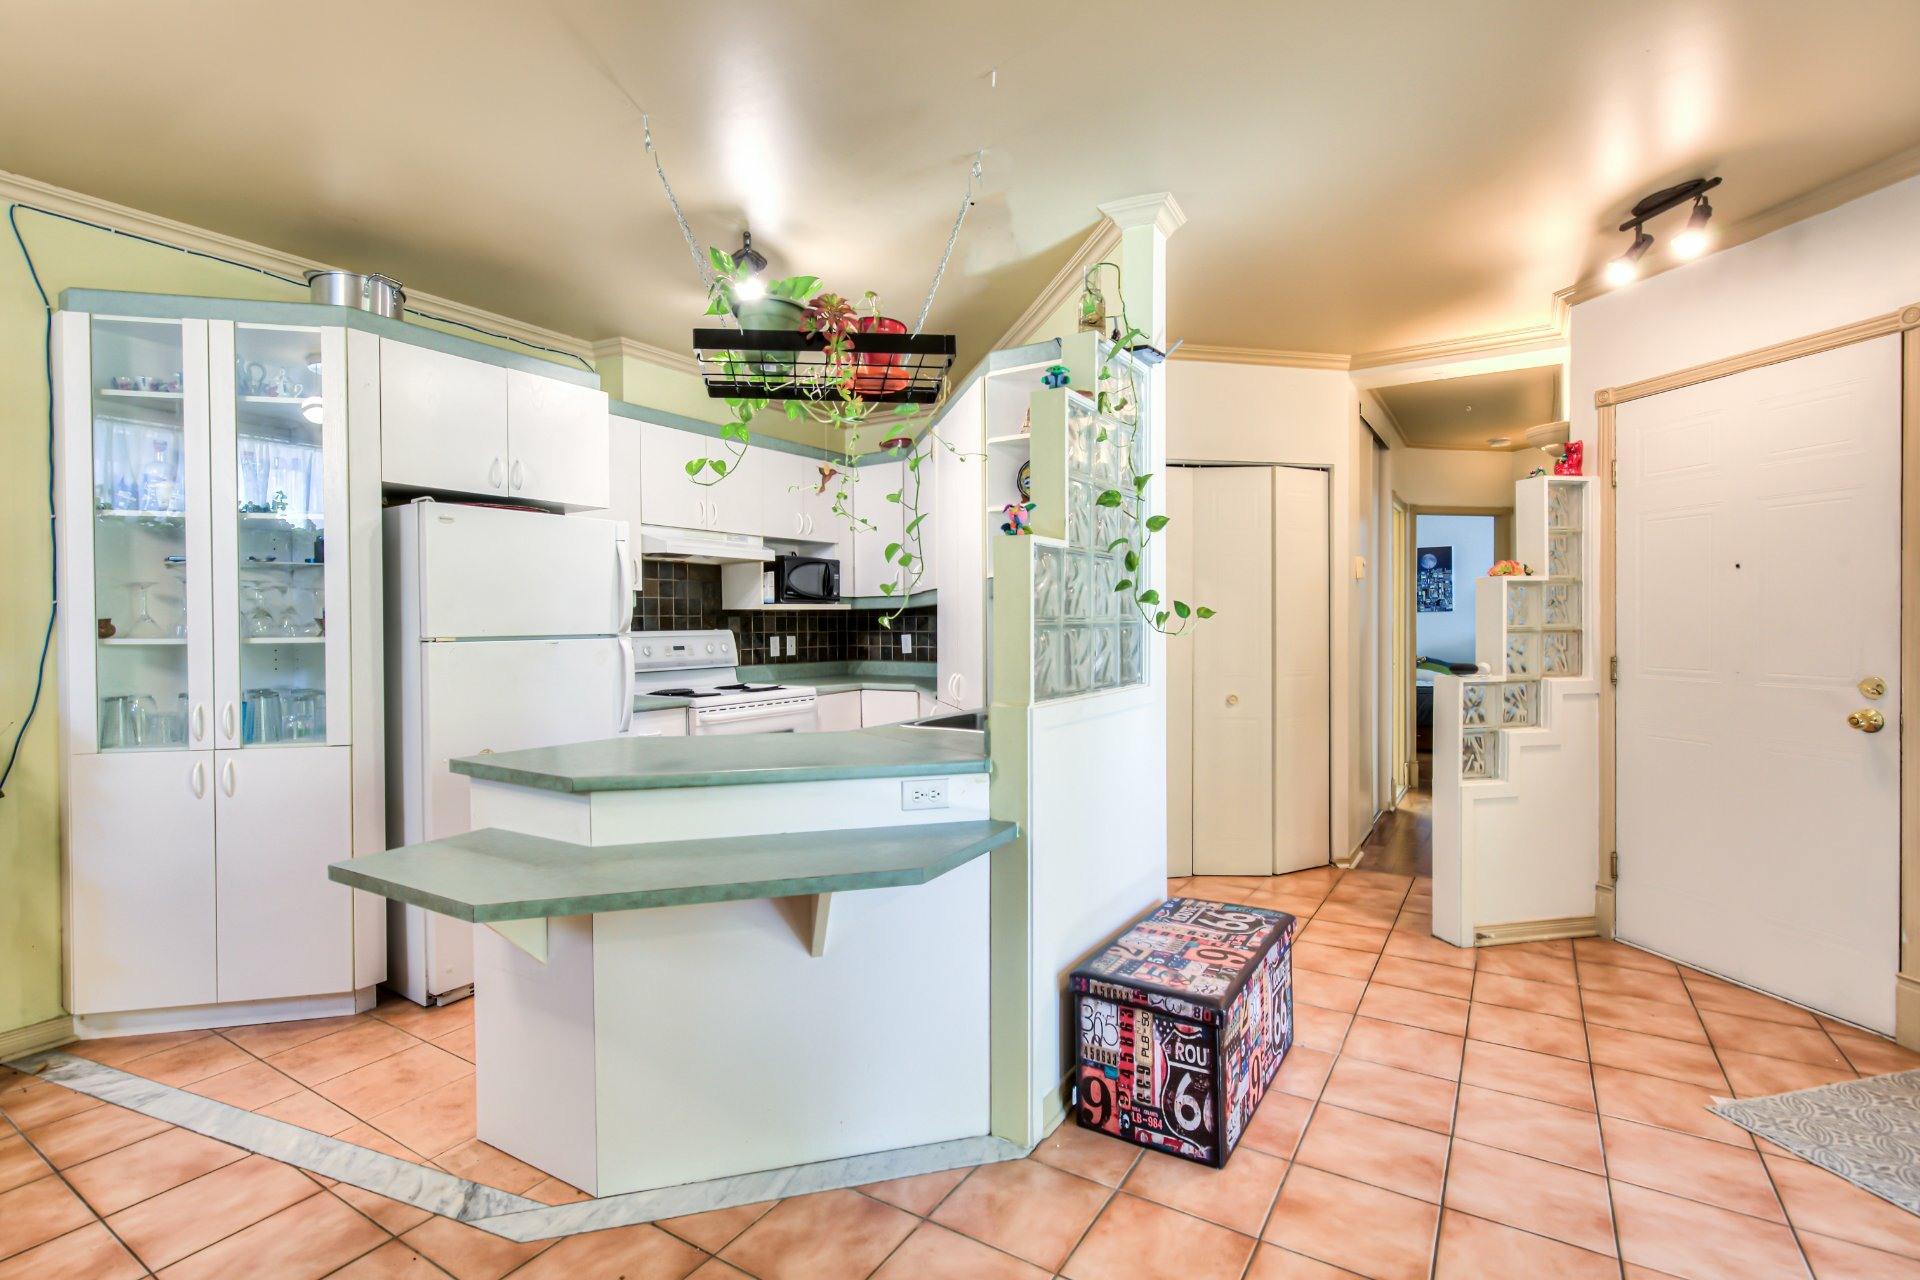 image 11 - Appartement À vendre Ville-Marie Montréal  - 6 pièces